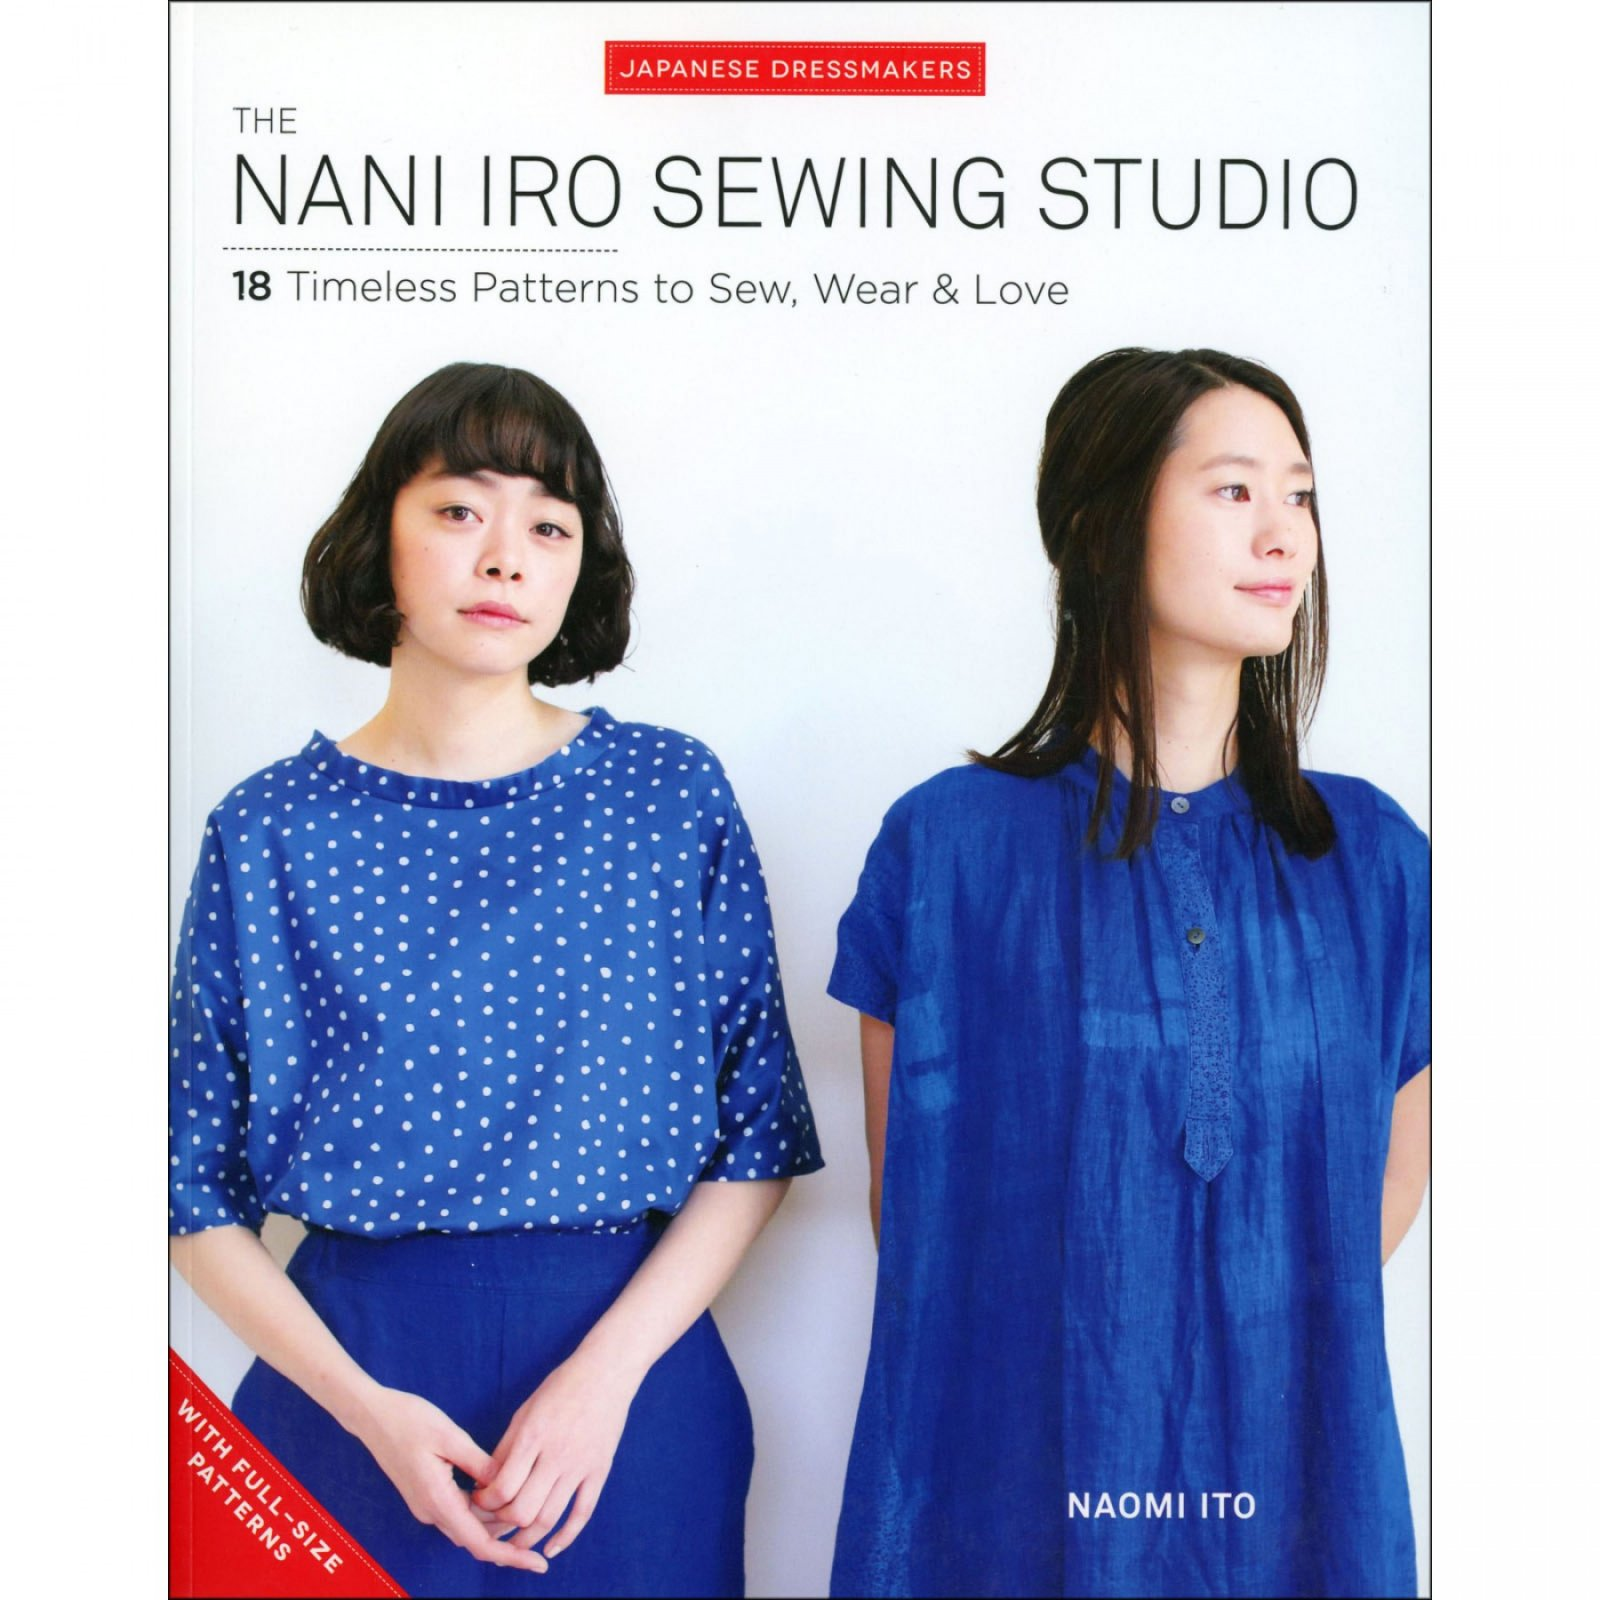 Nani Iro Sewing Studio by Naomi Ito